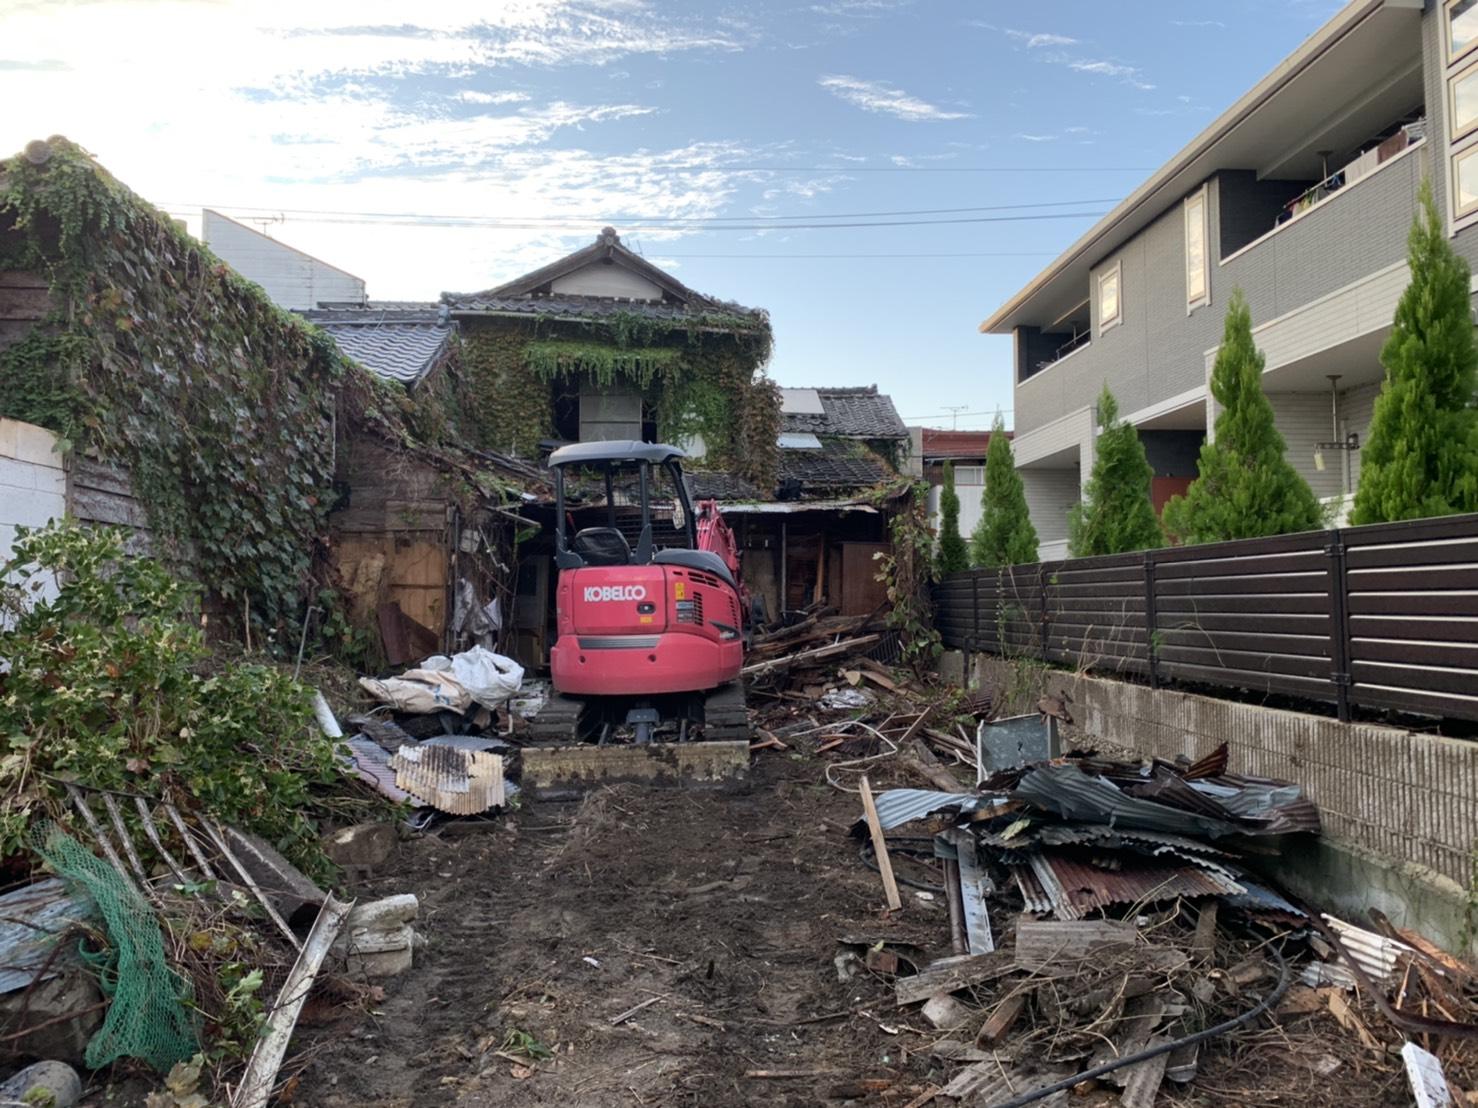 【施工実績をご紹介】岡山市内解体工事